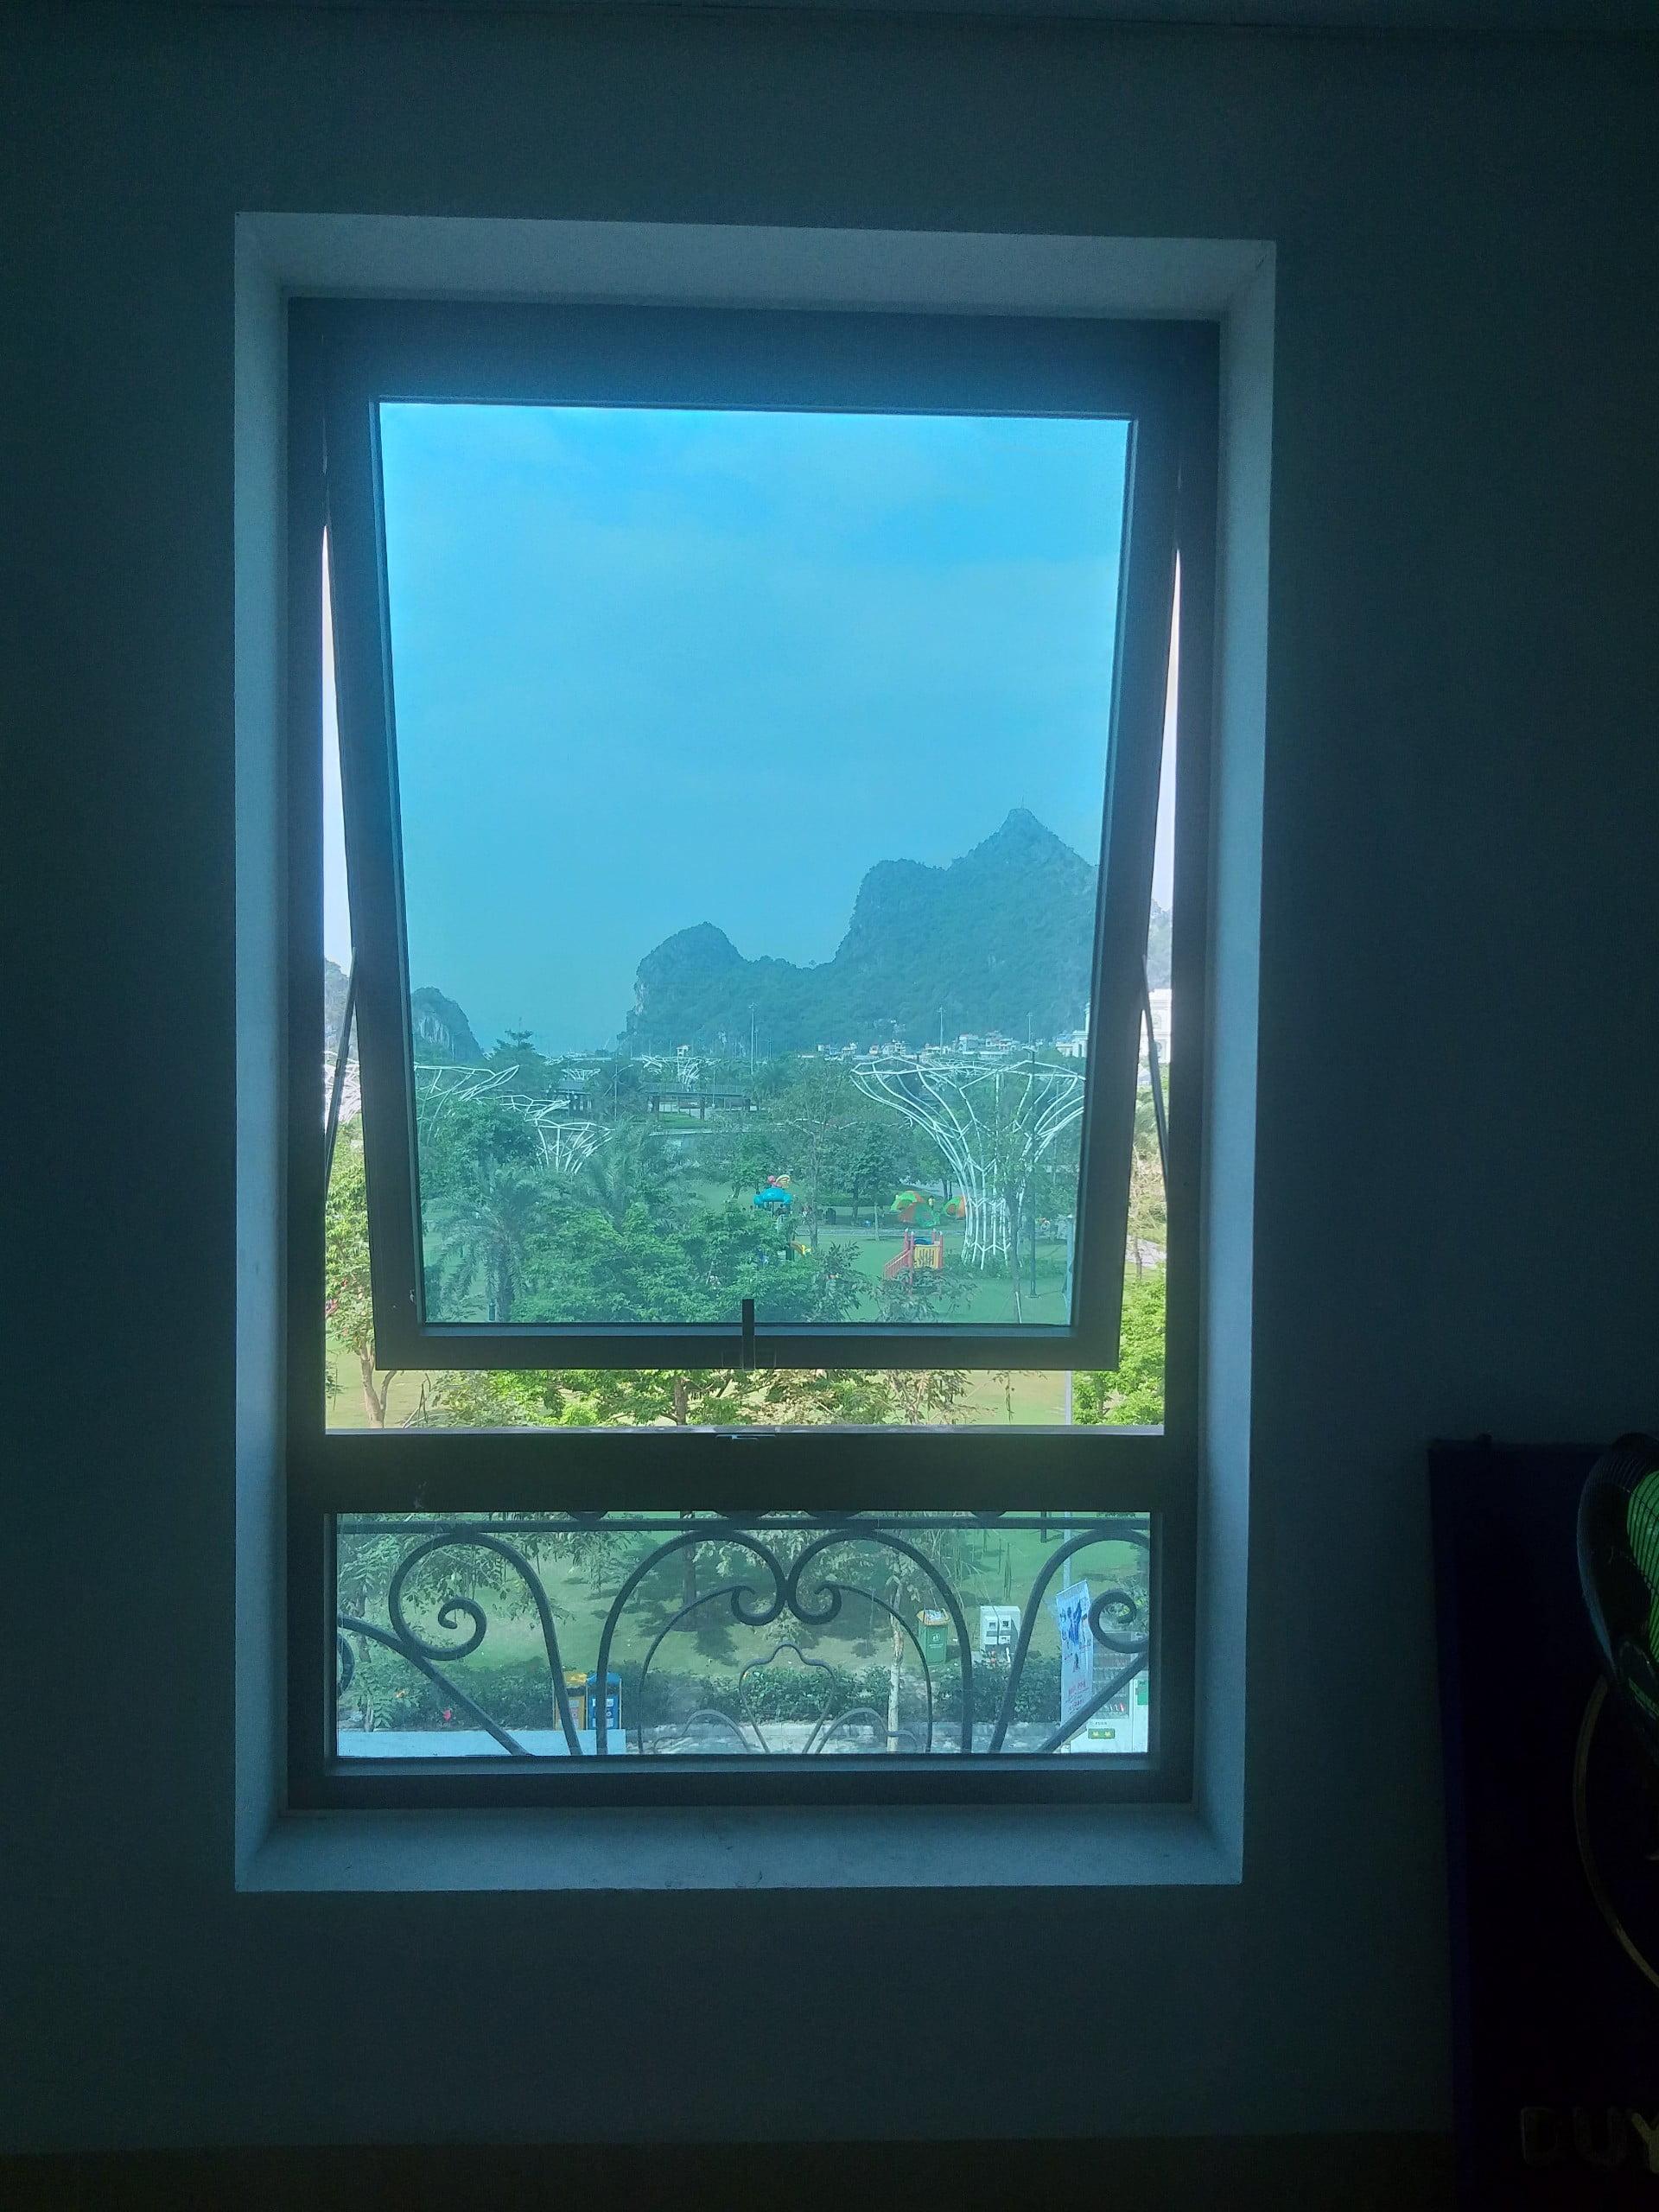 Cửa sổ khi chưa lắp rèm lá dọc